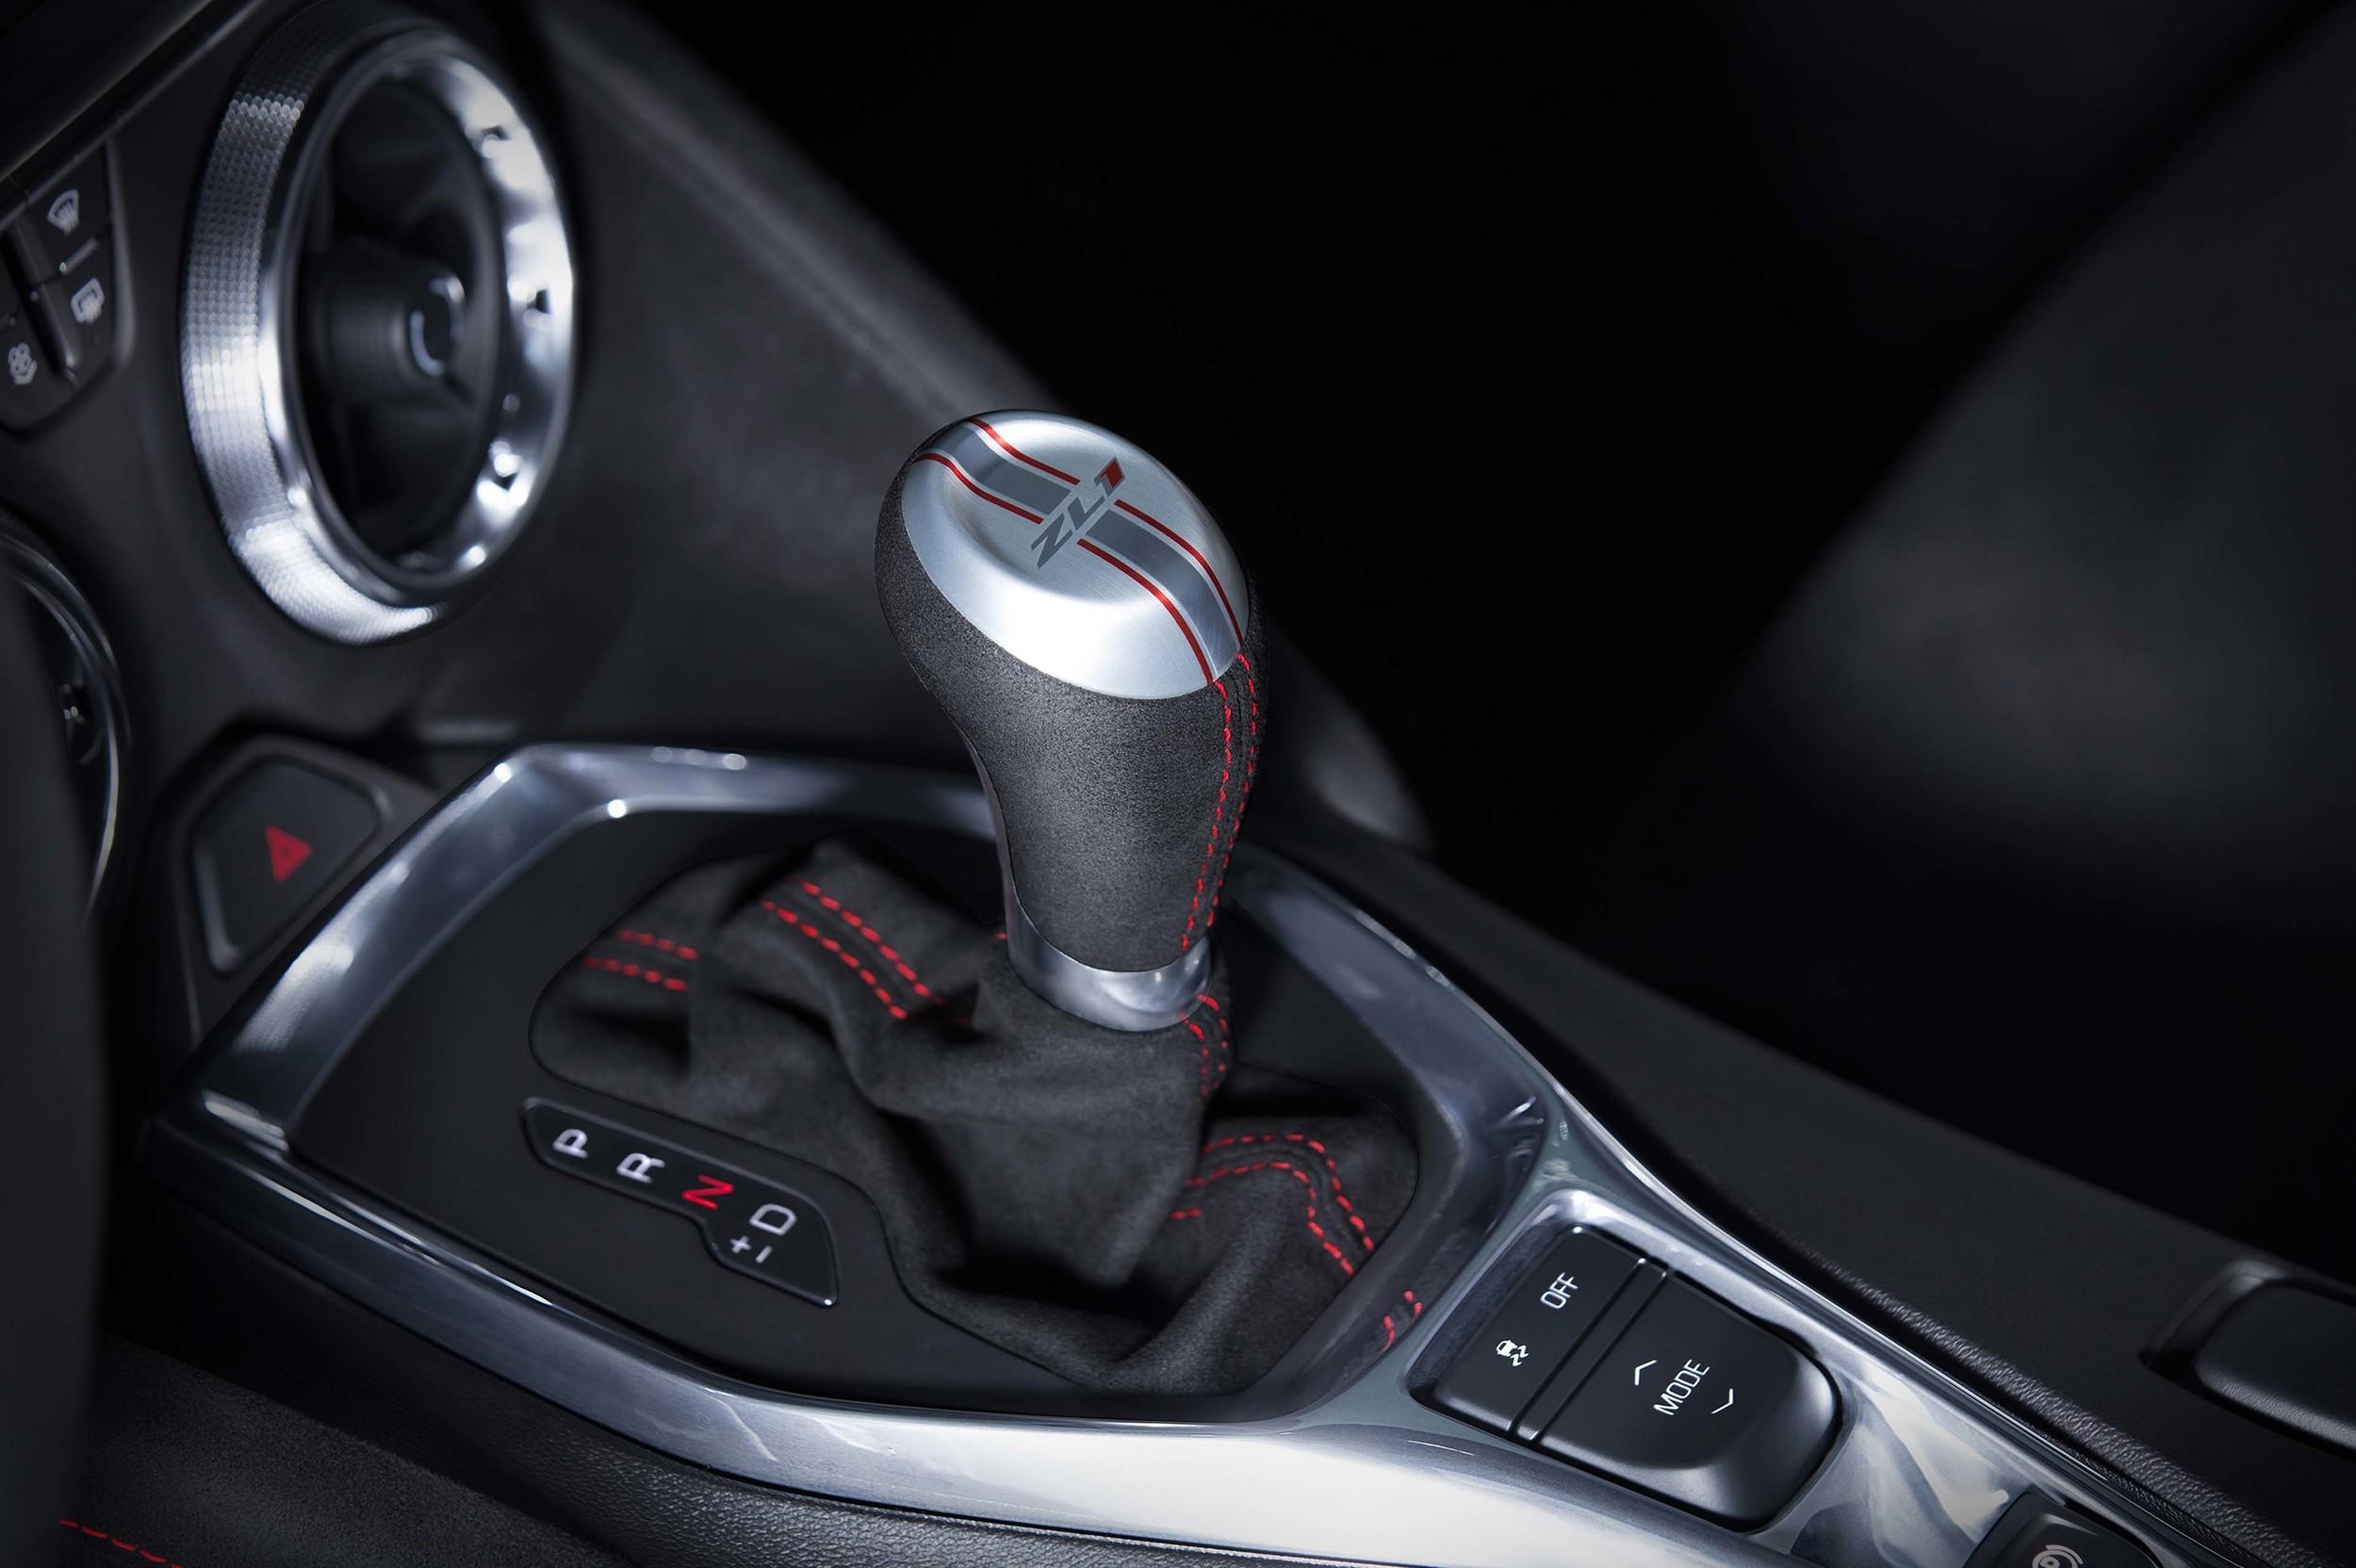 2017 Chevrolet Camaro Zl1 Has 640 Hp Corvette Z06